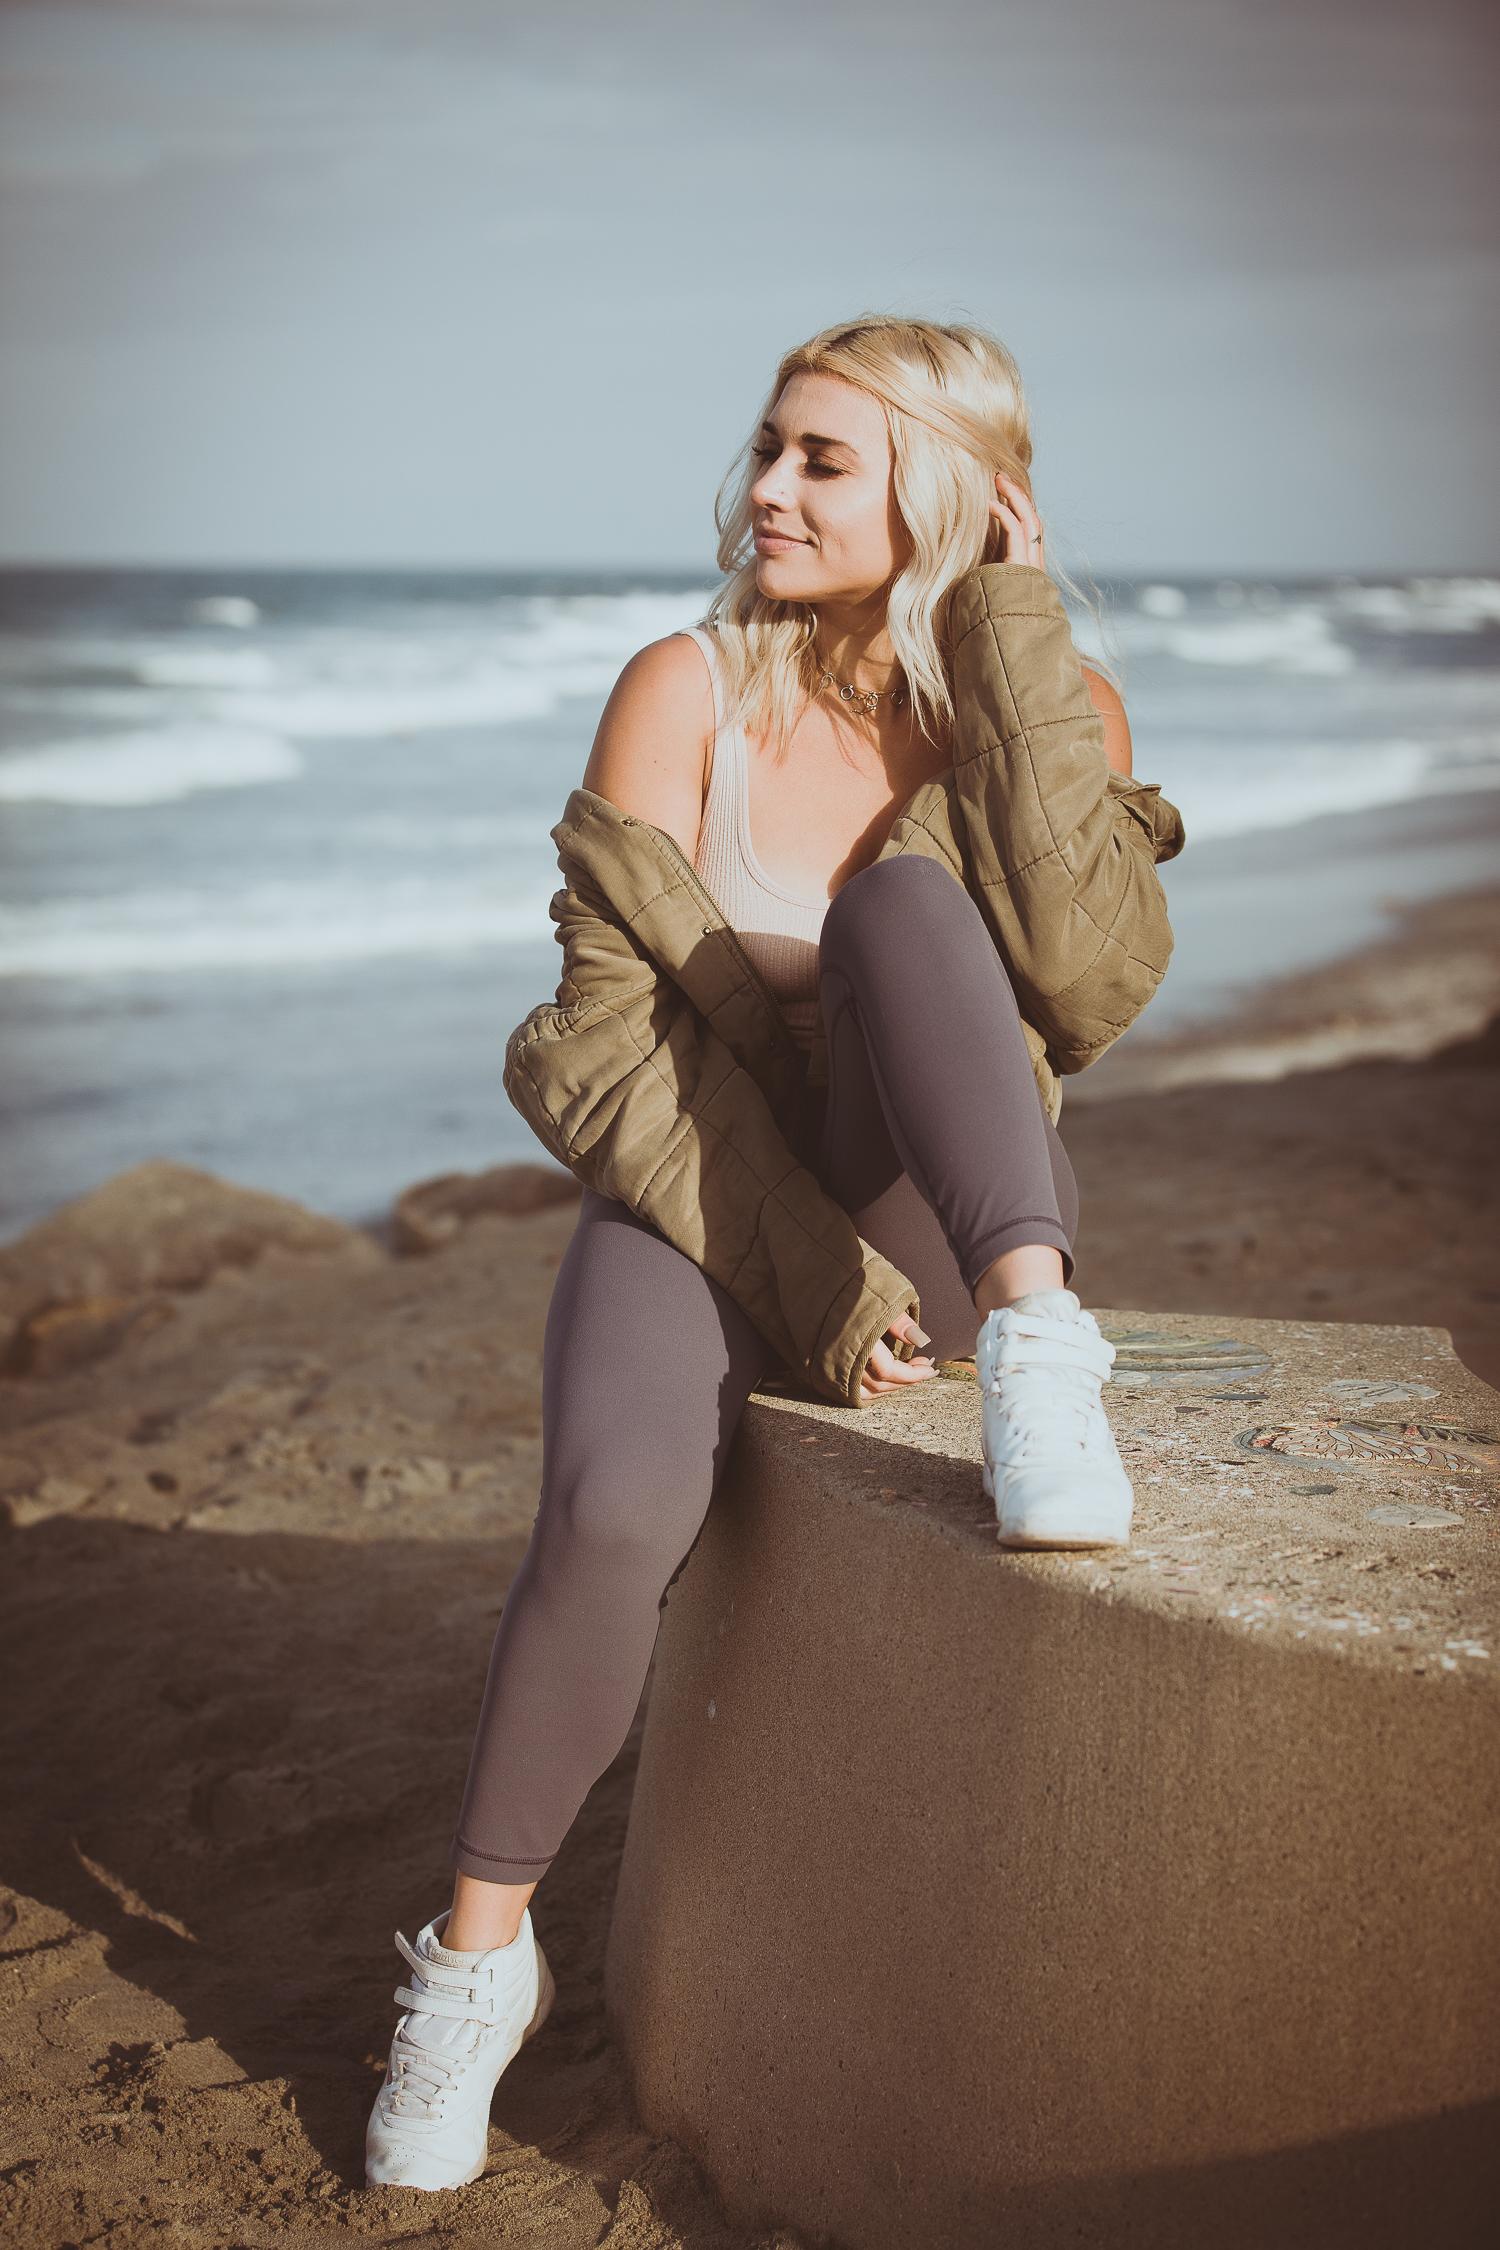 Melanie Morton